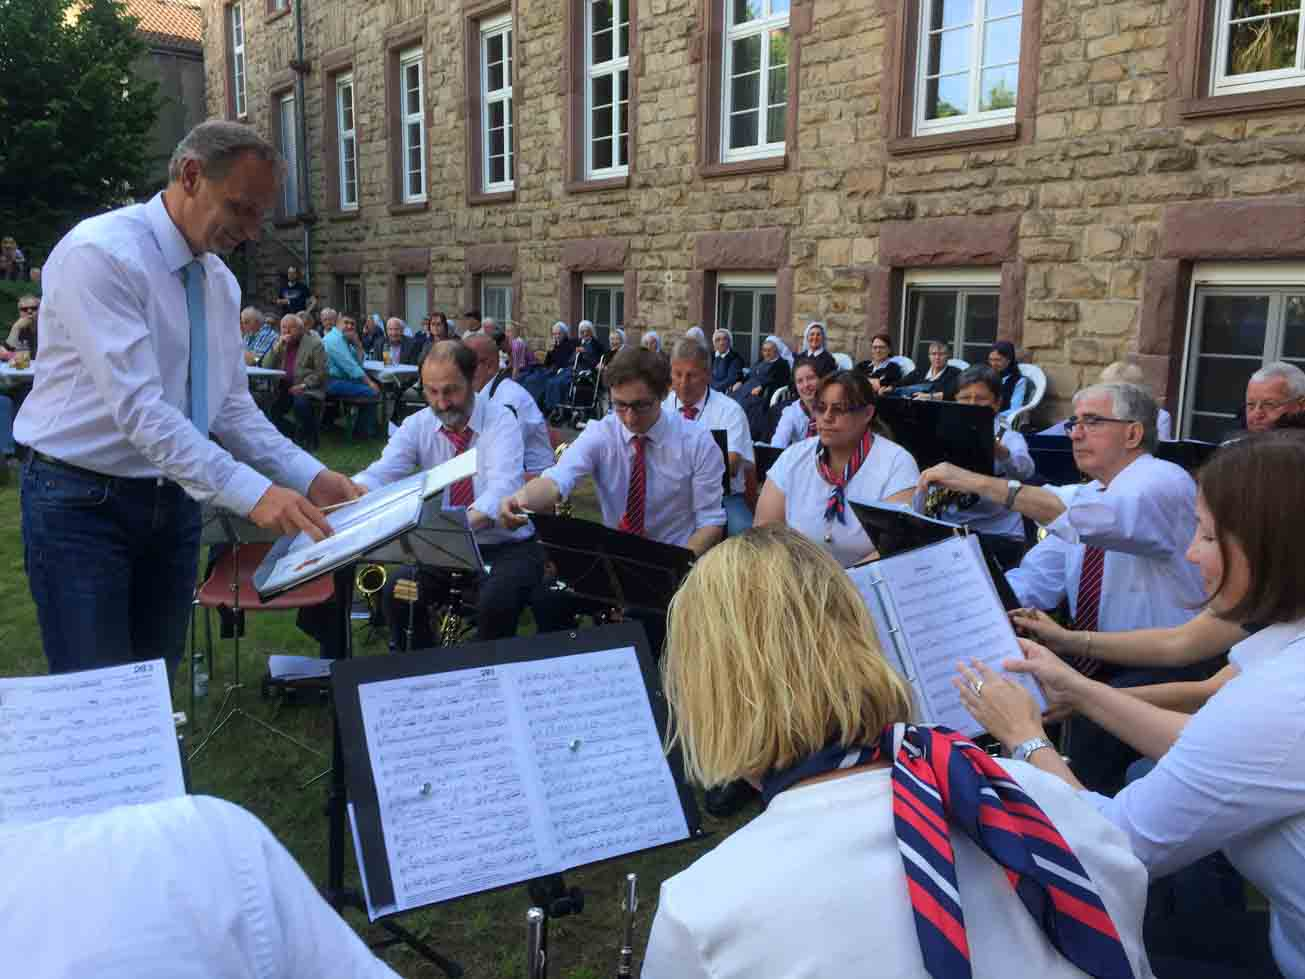 Im Vordergrund die Musiker der Stadtkapelle Heppenheim in weißen Hemden und Blusen, die Männer mit rotblauen Krawatten, die Frauen mit rotblauen Halstüchern. Im Hintergrund sitzen die Zuhörer auf Bänken und Stühlen vor dem Westflügel des Klostergebäudes.